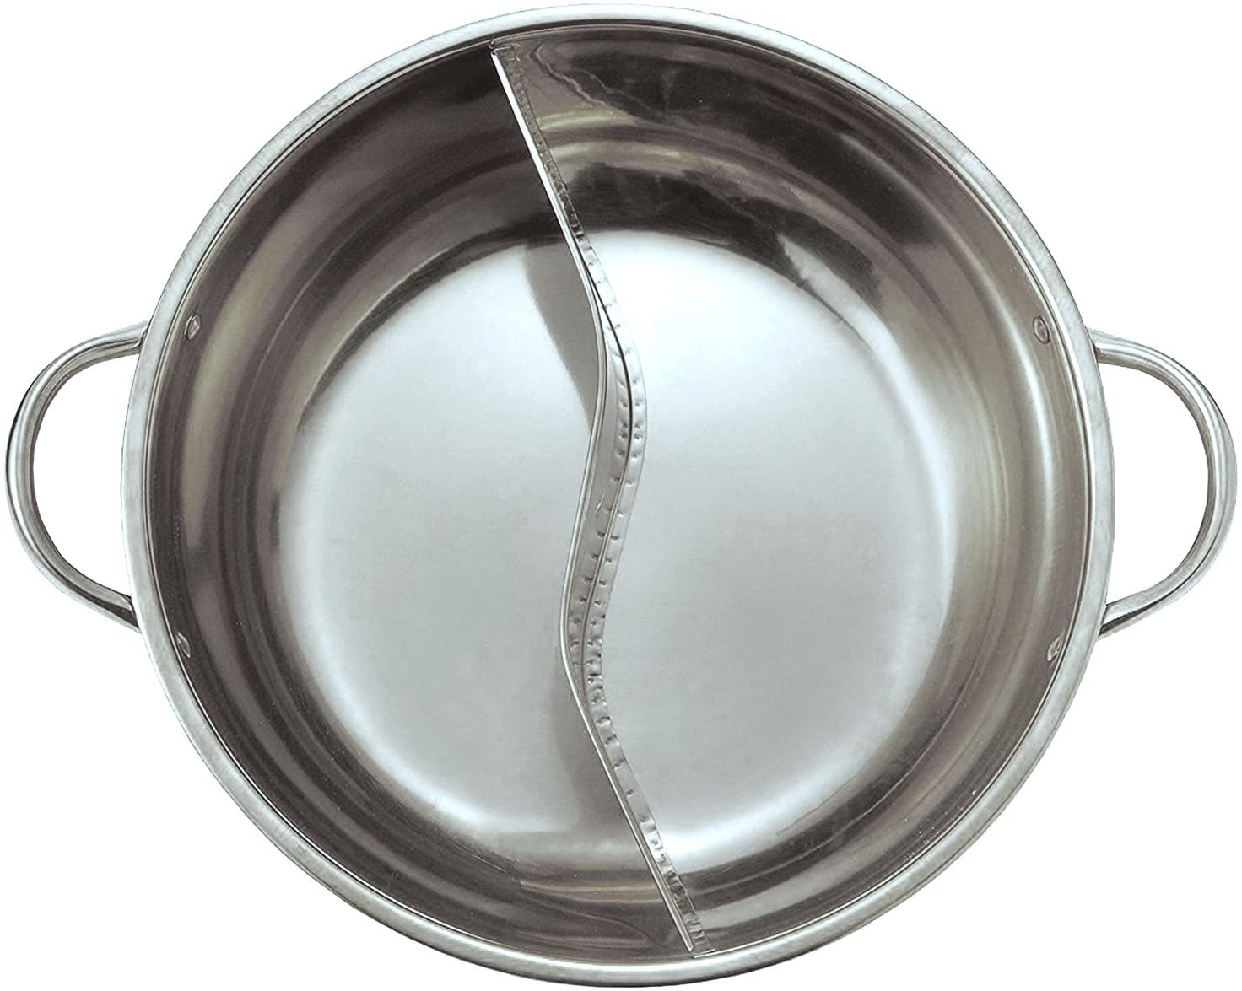 エムワールド2食鍋 ステンレス 28cmの商品画像